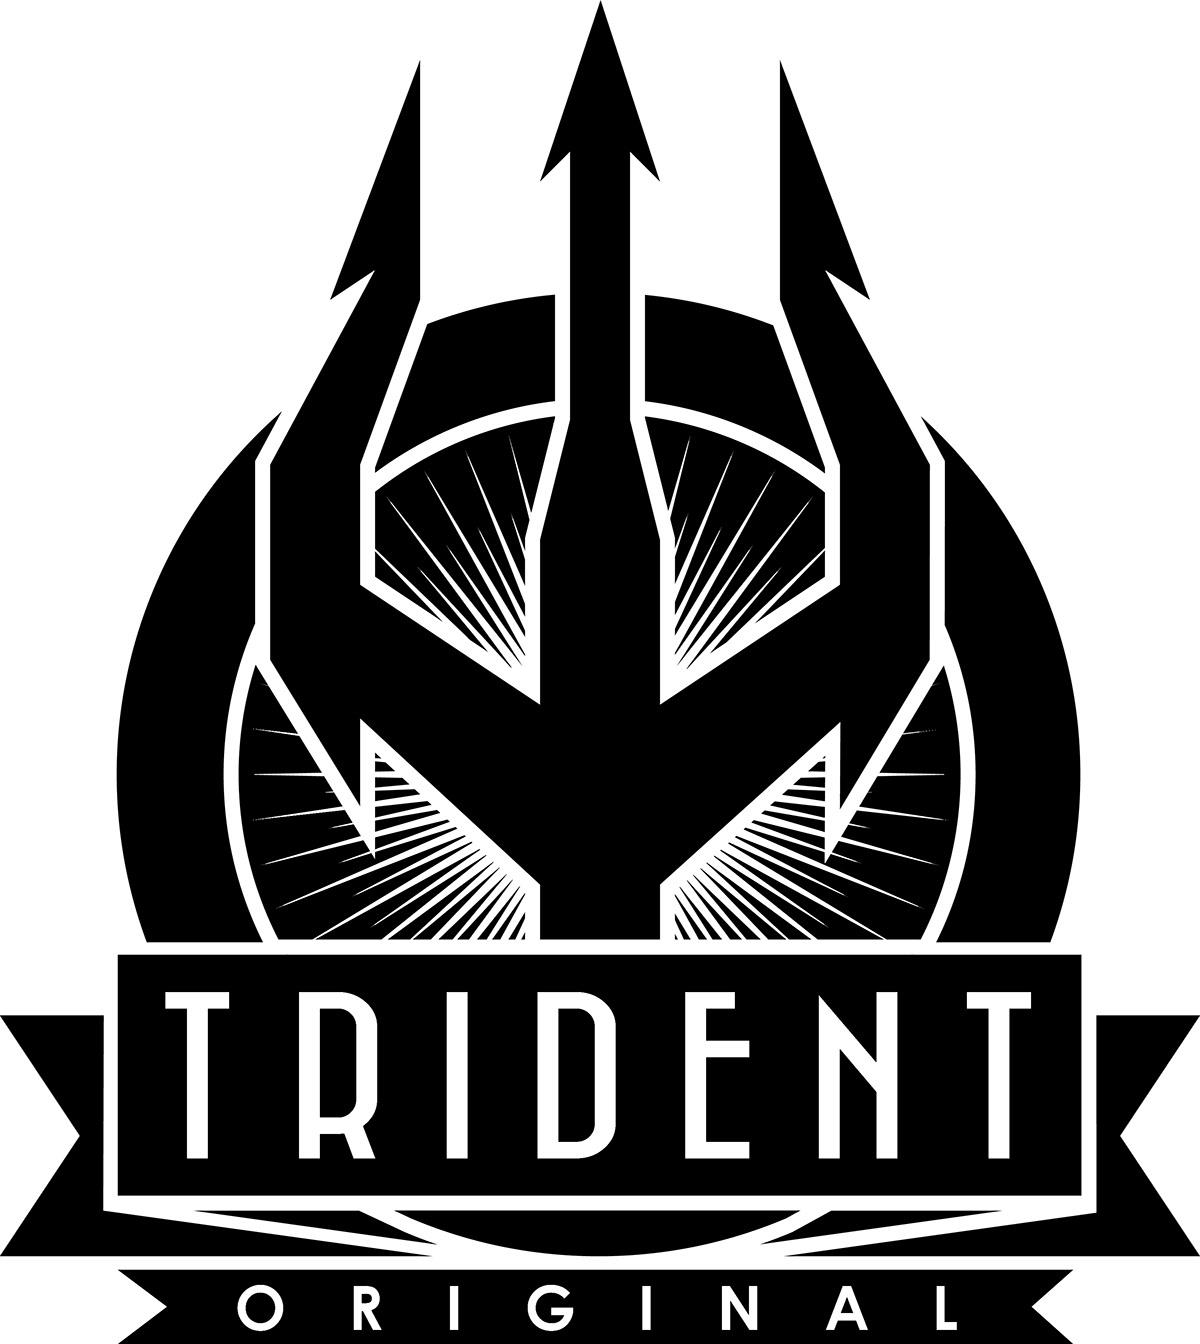 Trident Gum On Behance